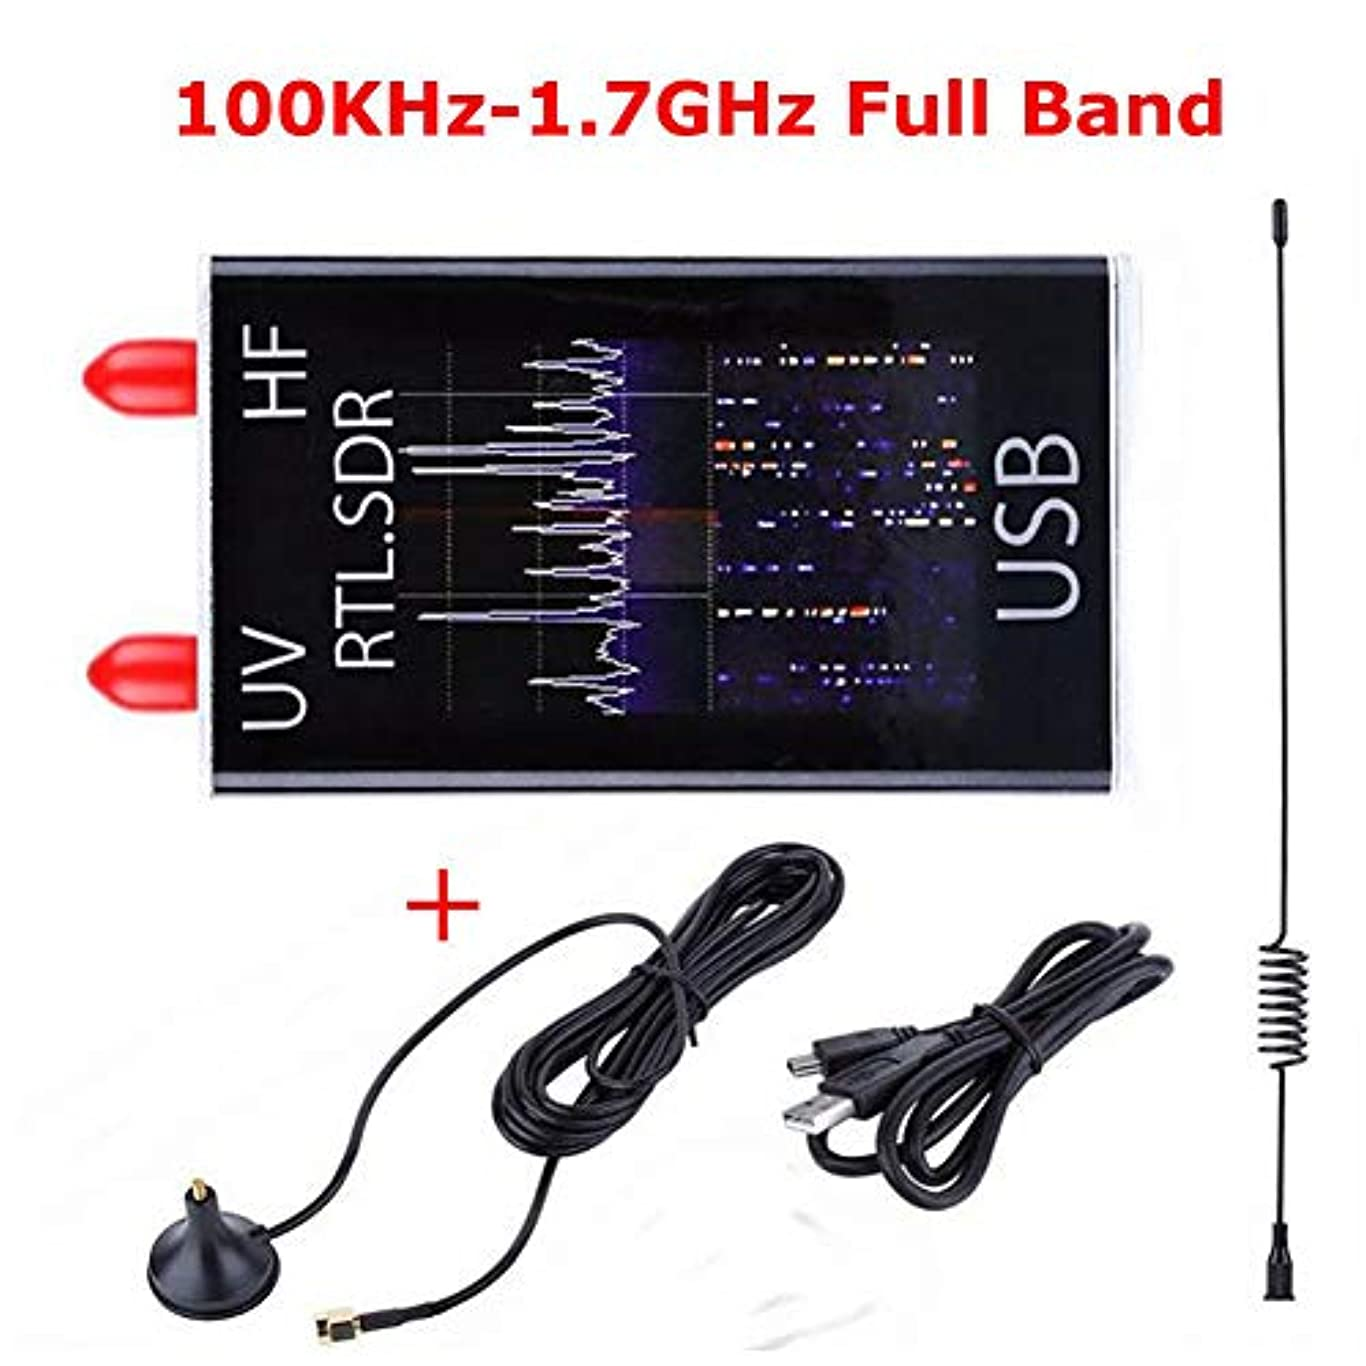 自然鮮やかな帝国ACHICOO 100KHz?1.7GHzフルバンドUV HF RTL-SDR USBチューナーレシーバ/ R820T + 8232ハムラジオ